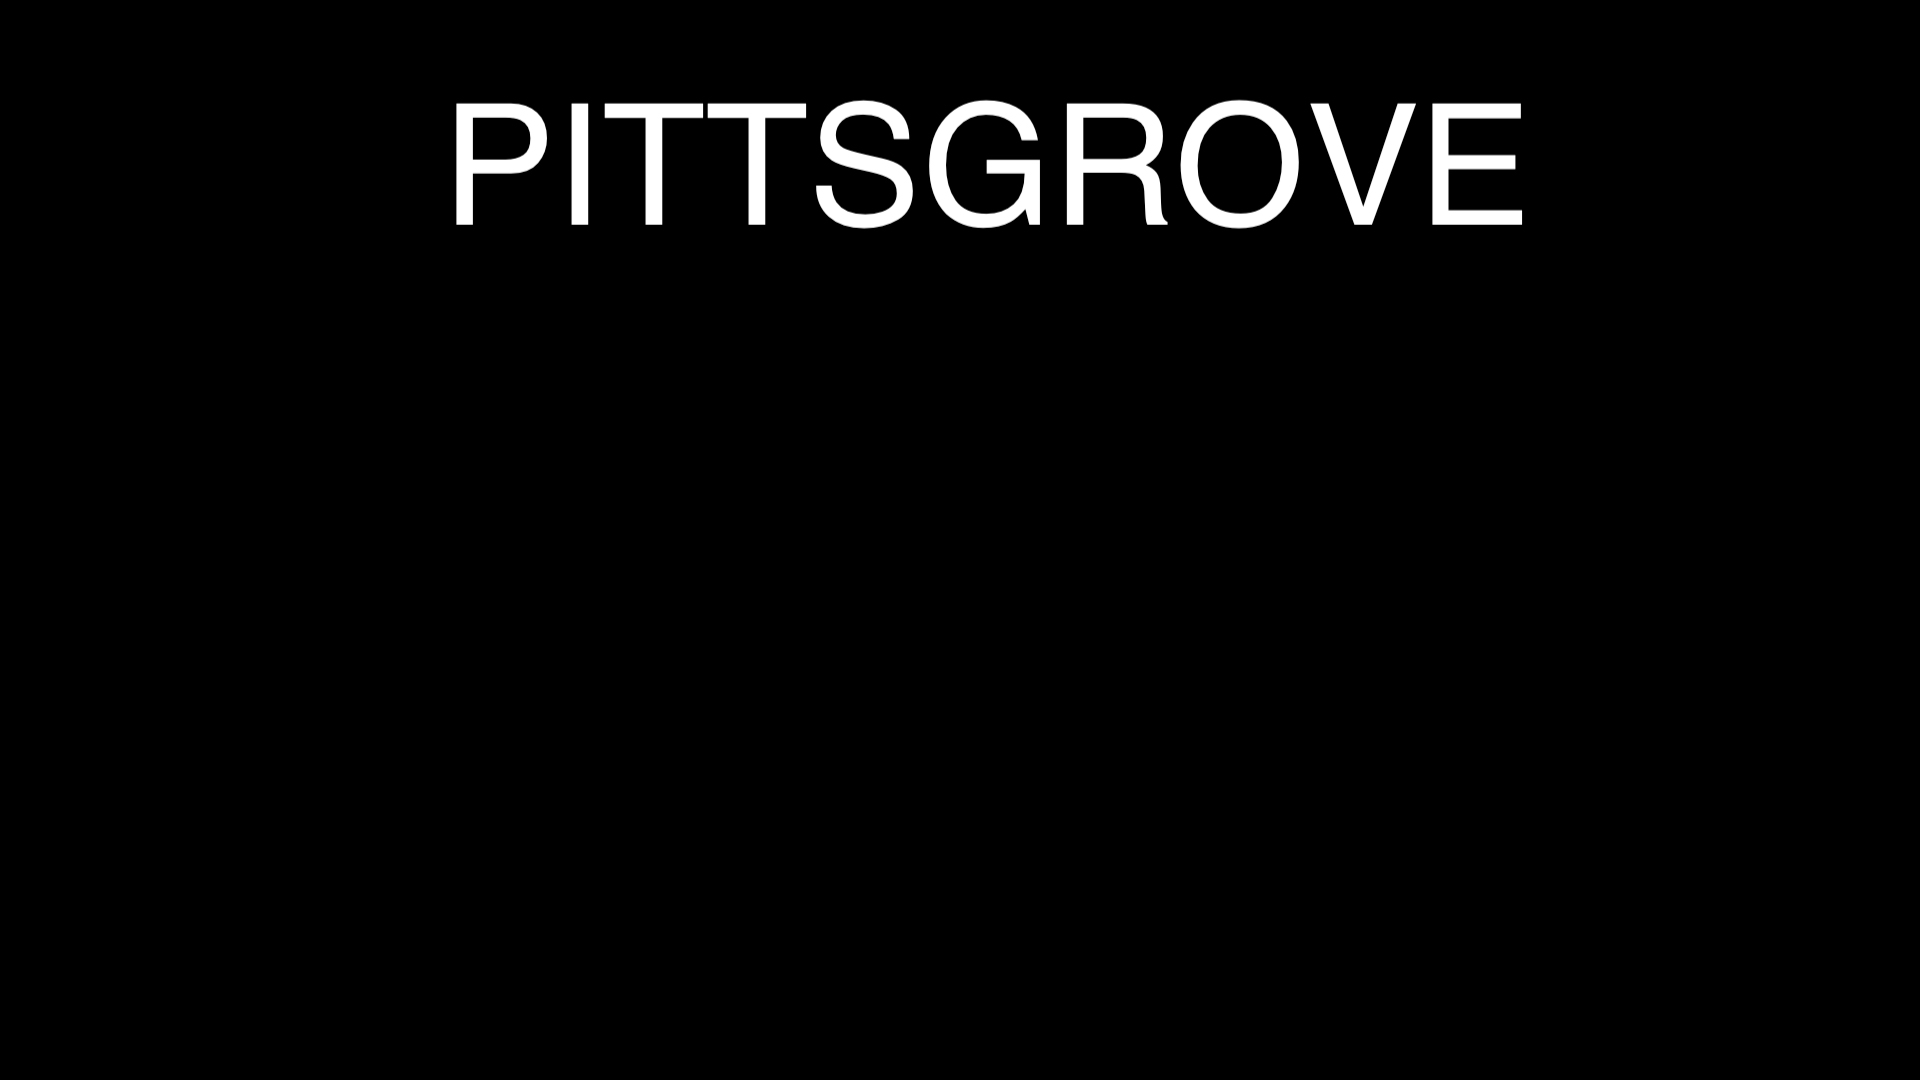 PIttsgrove.jpg